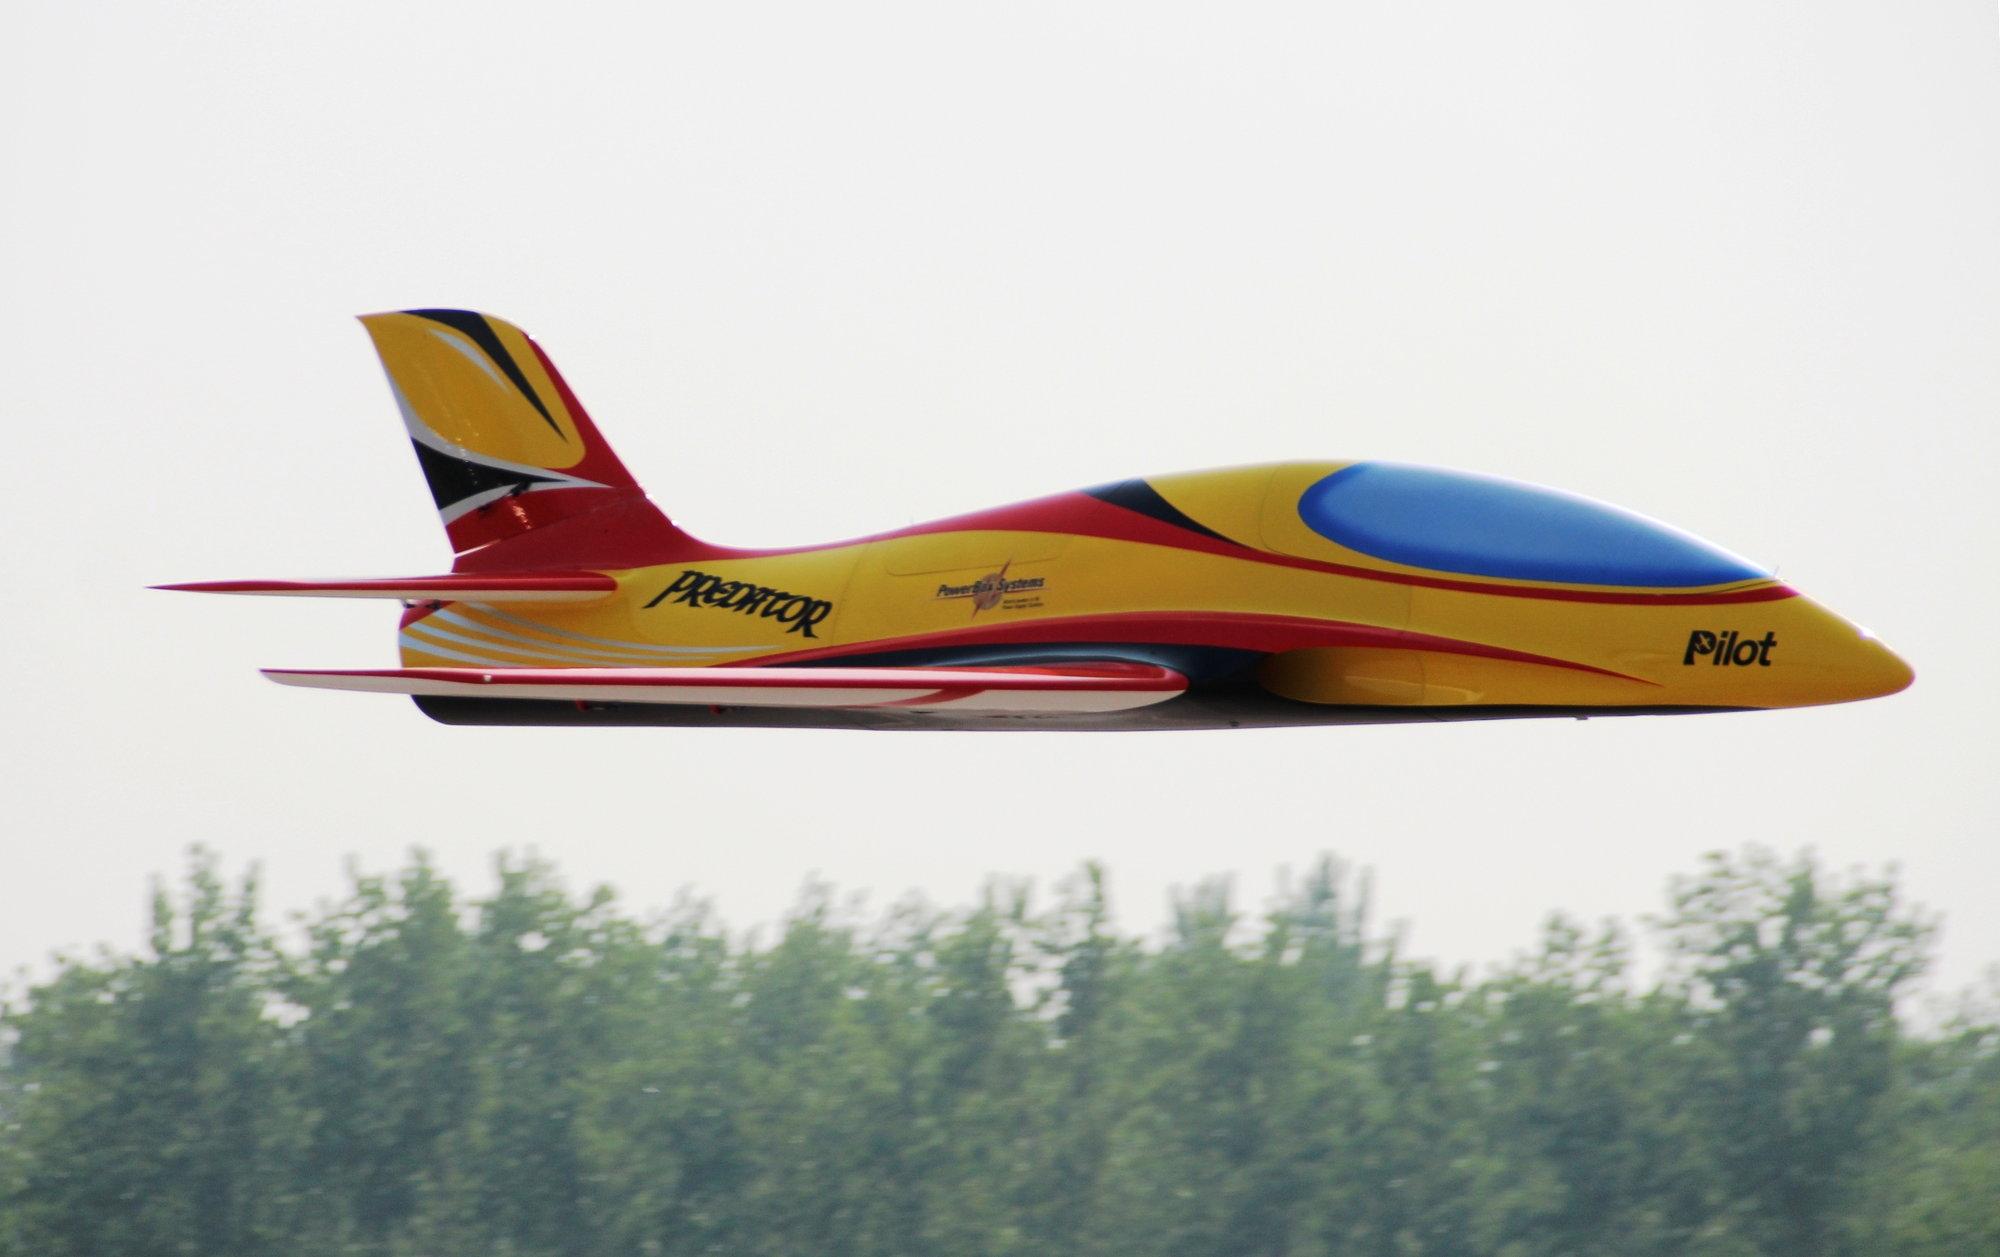 Pilot-RC 3 2m predator sport jet - RCU Forums